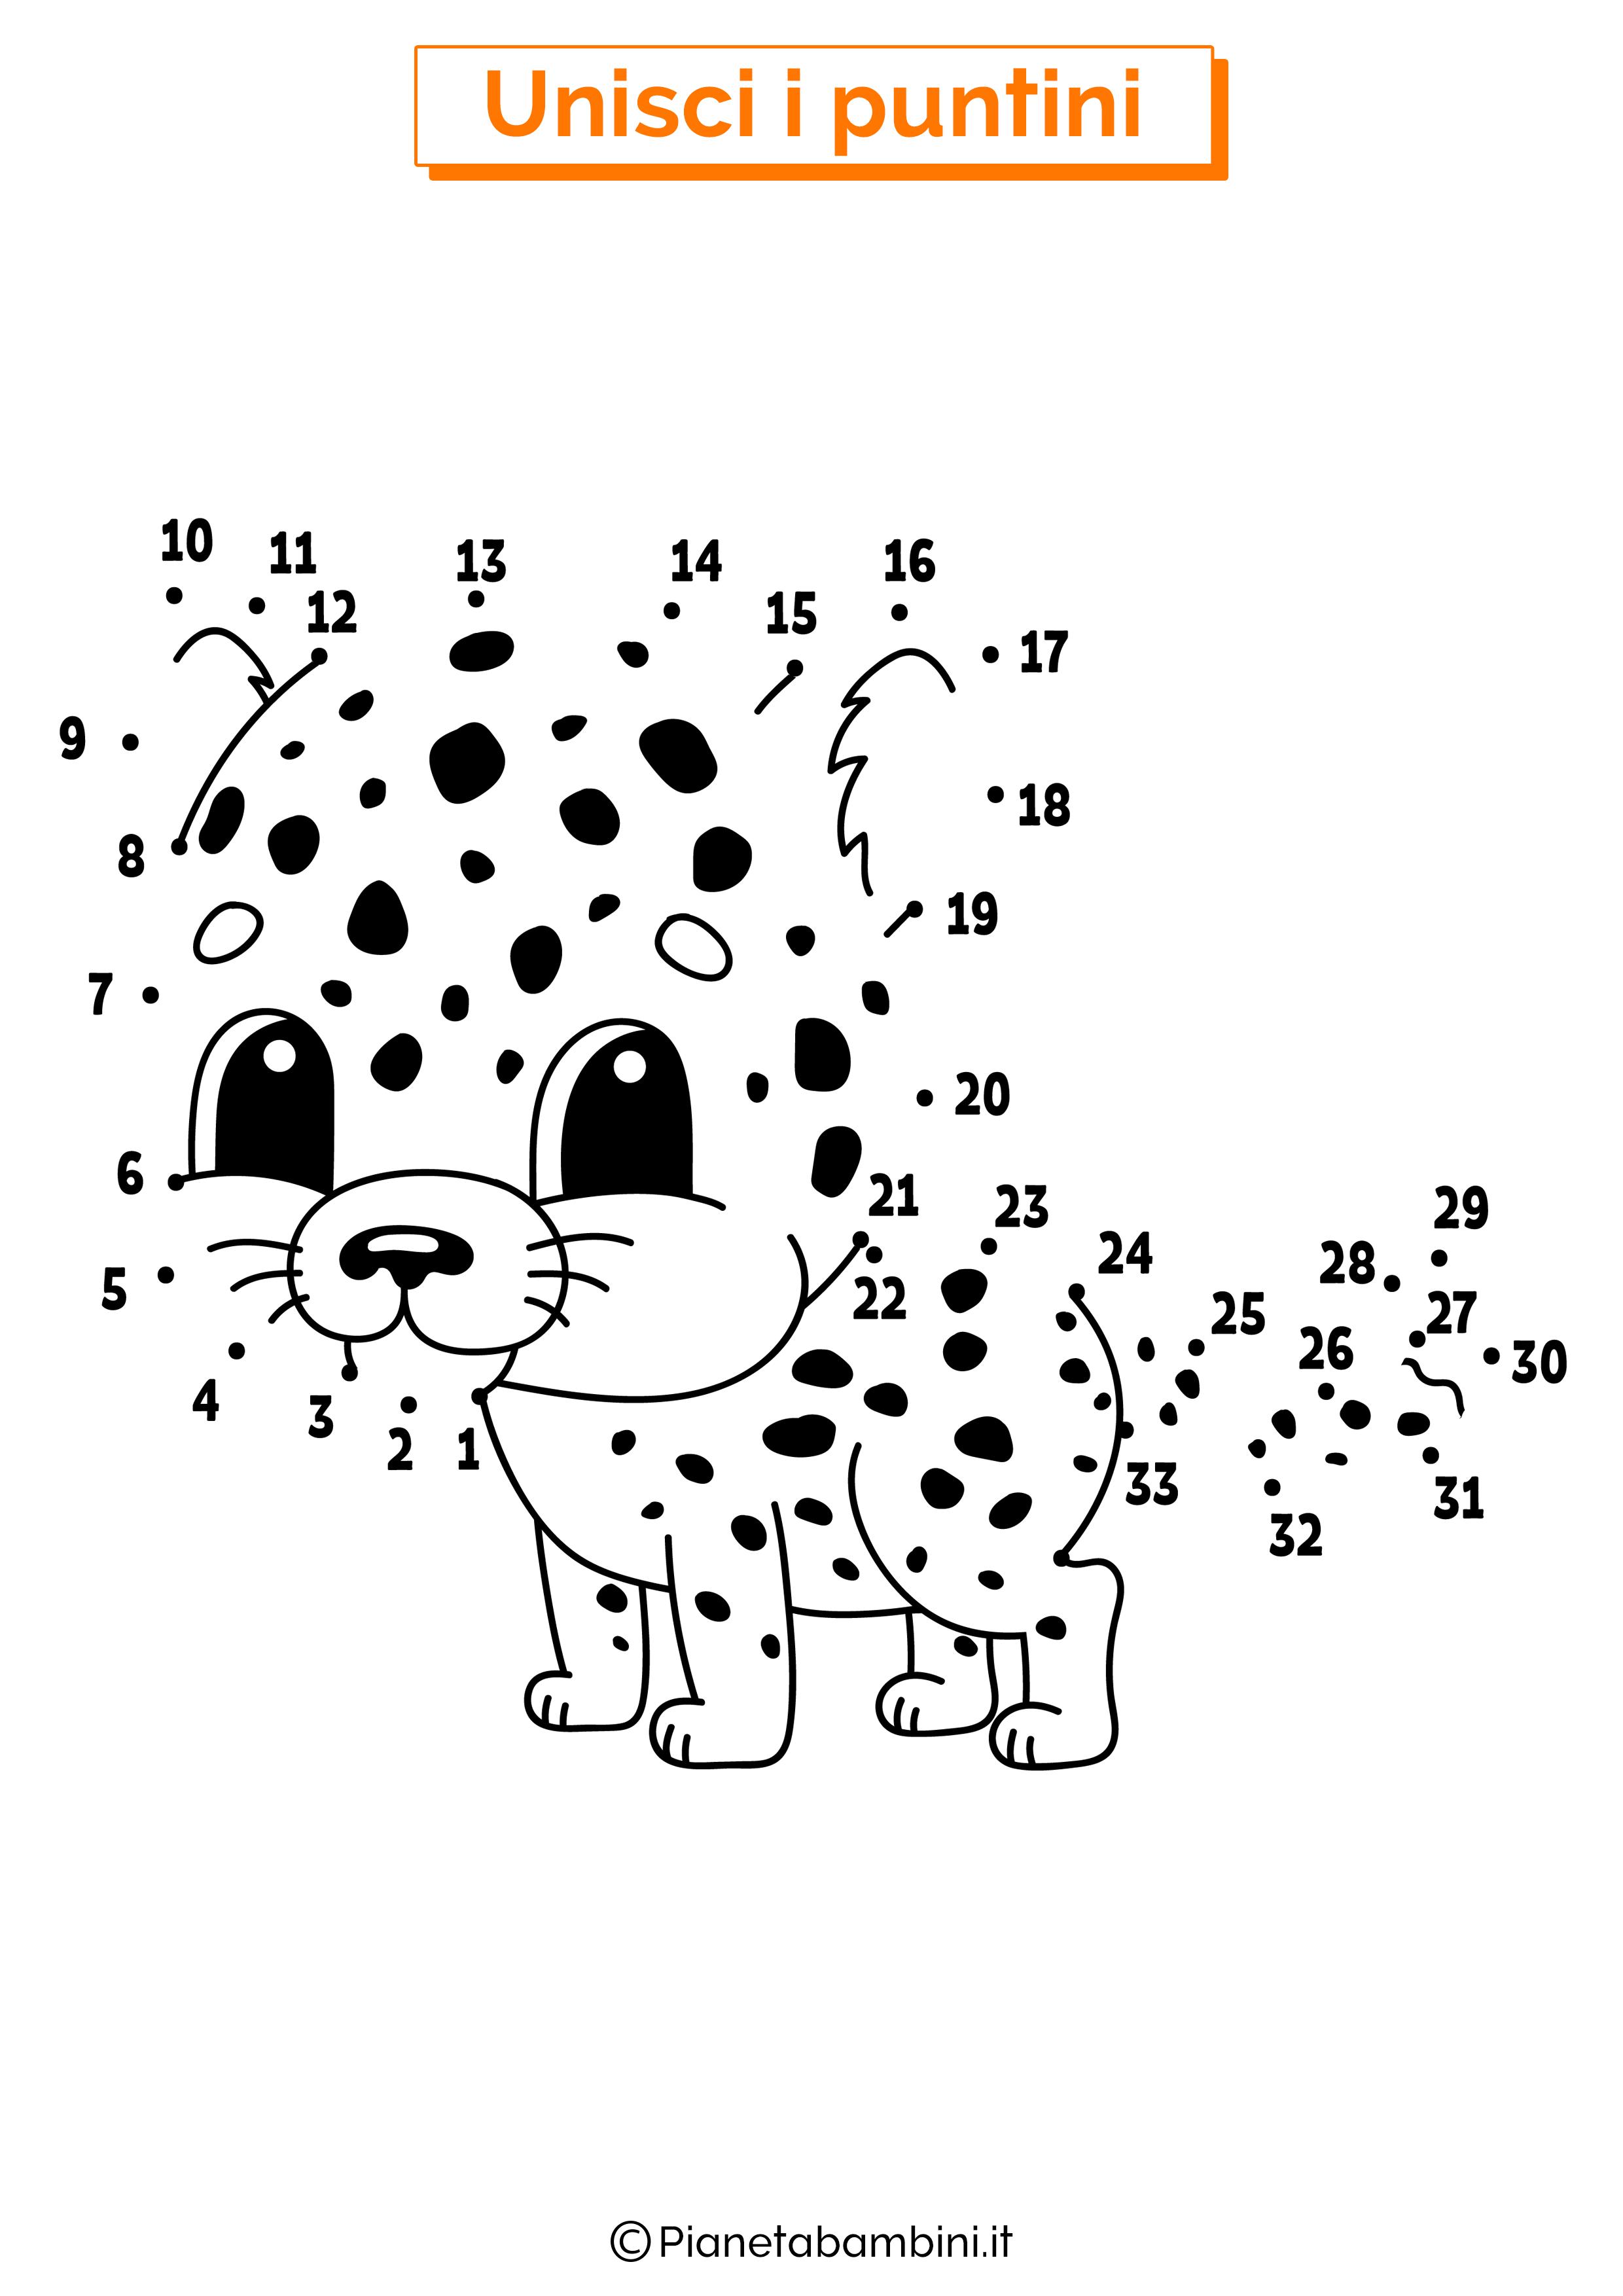 Disegno unisci i puntini 1-40 leopardo